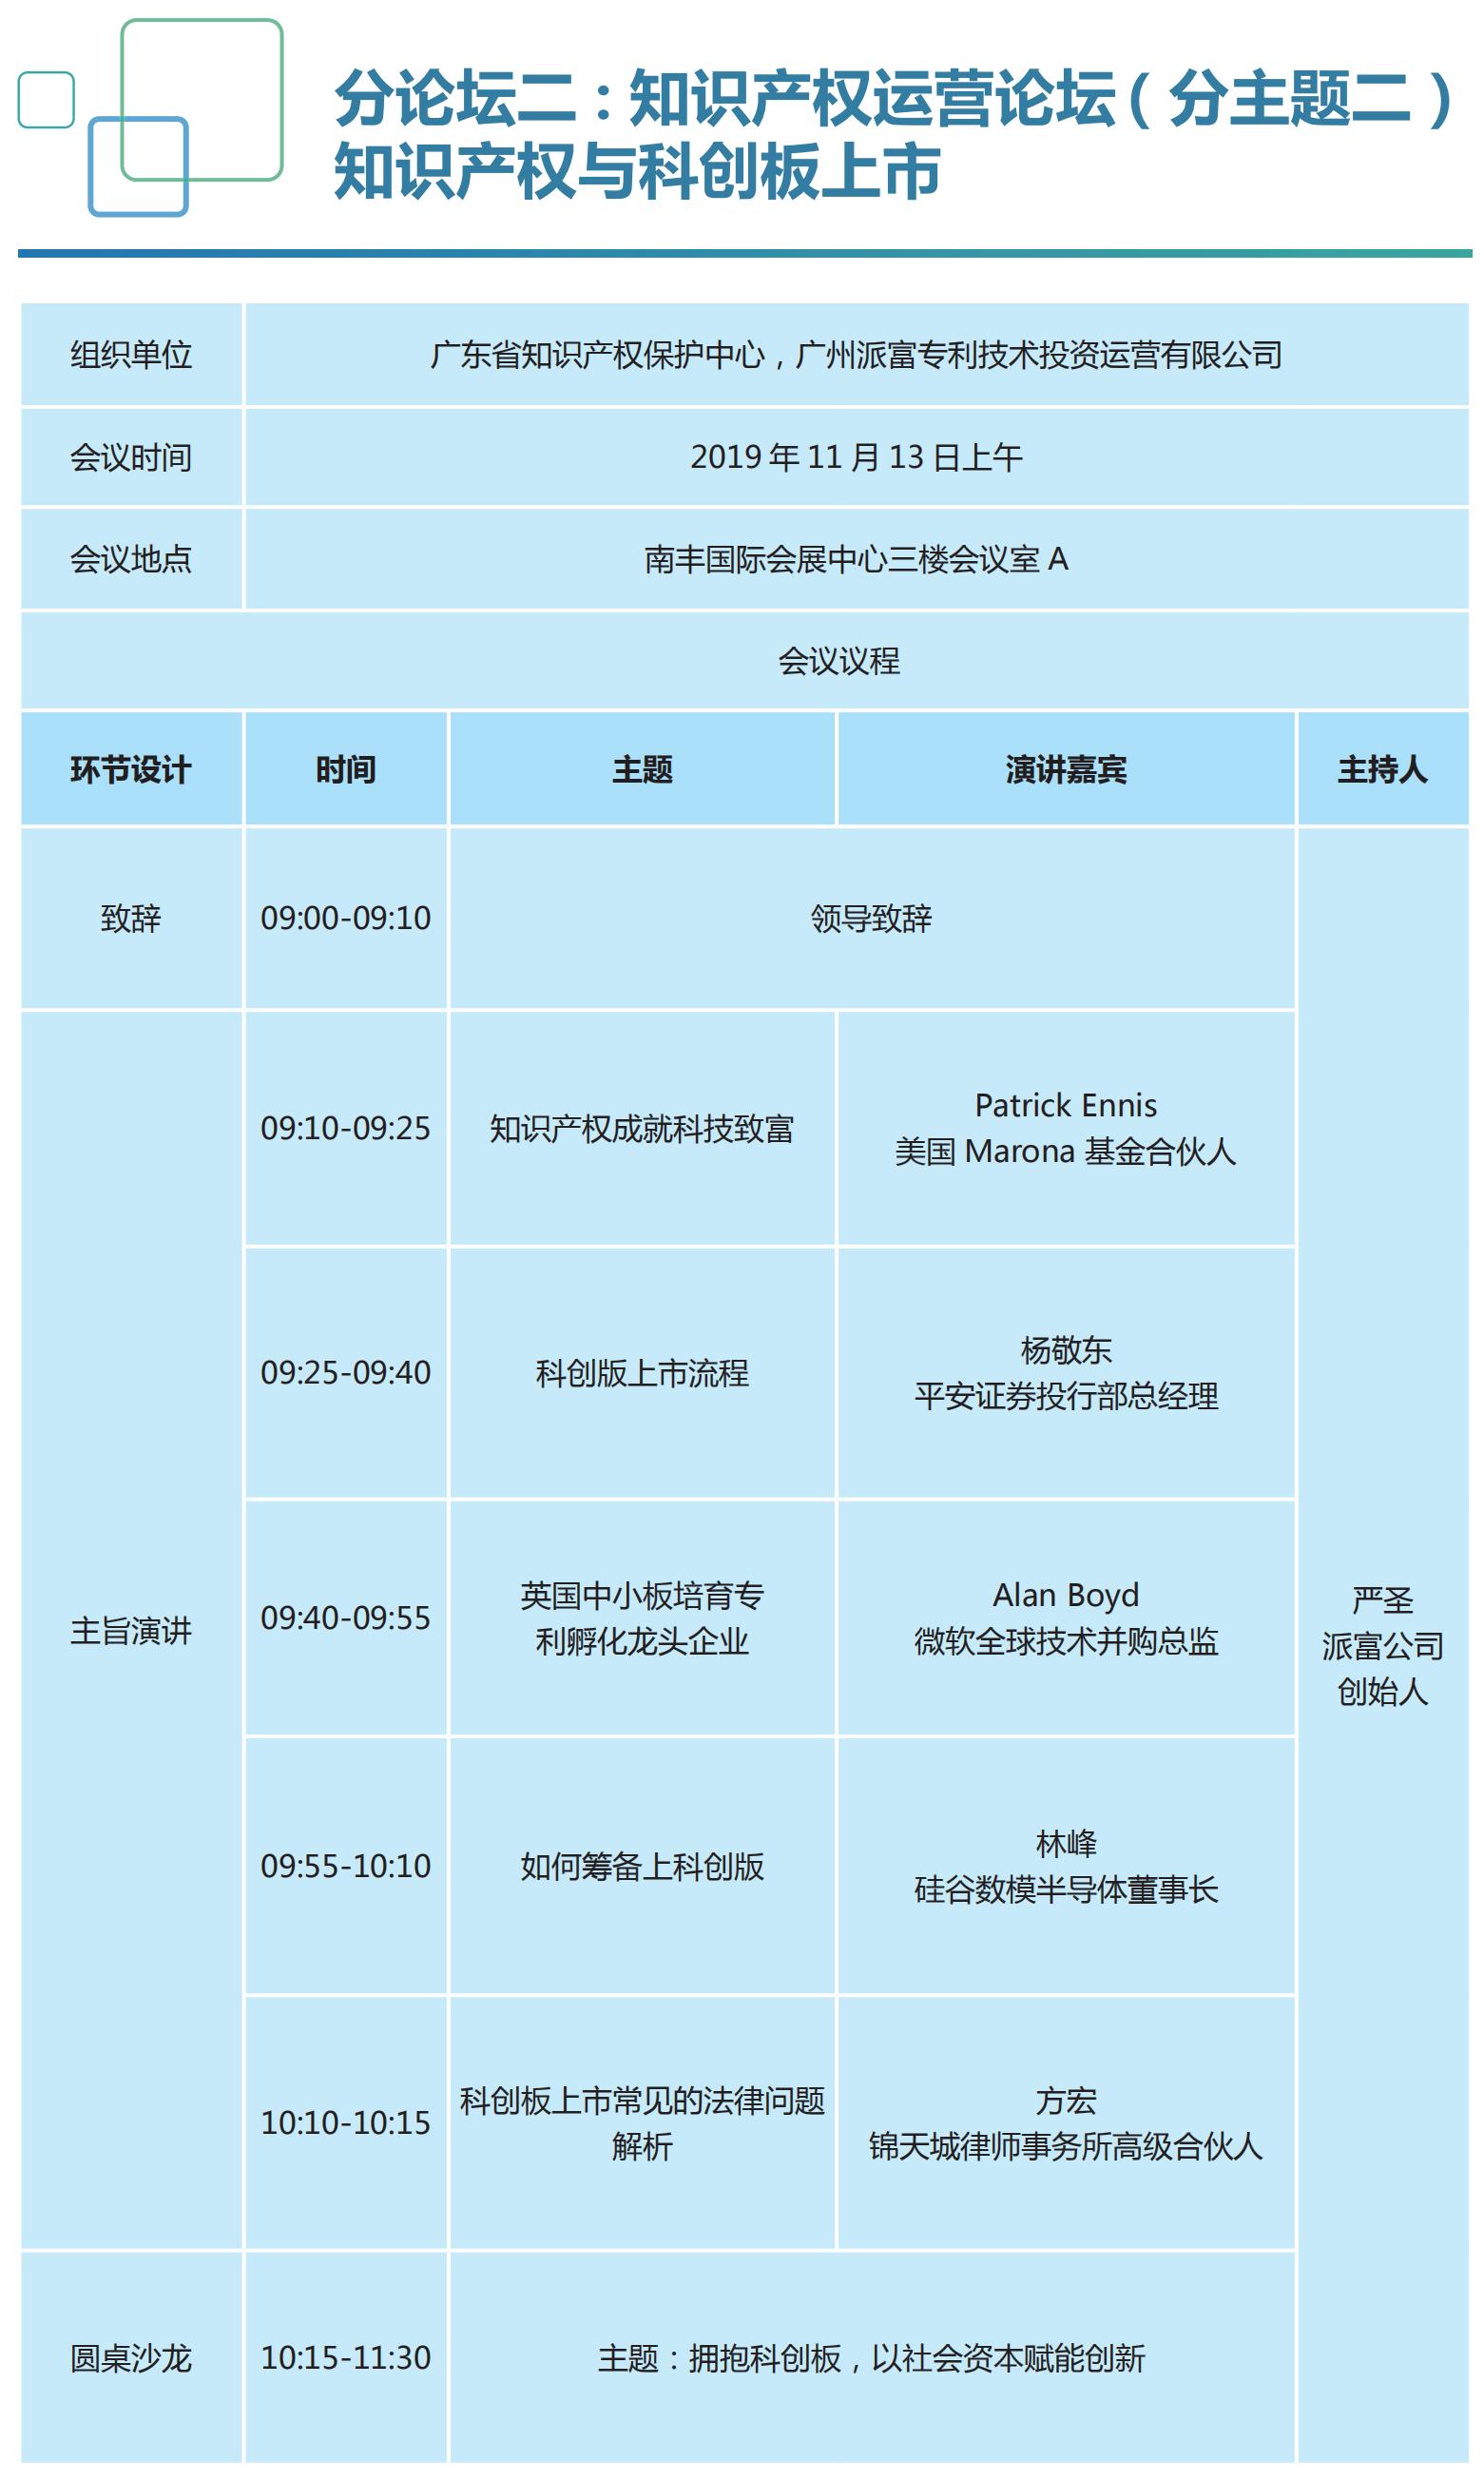 重磅来袭!2019知交会「知识产权珠江论坛」议程公布!